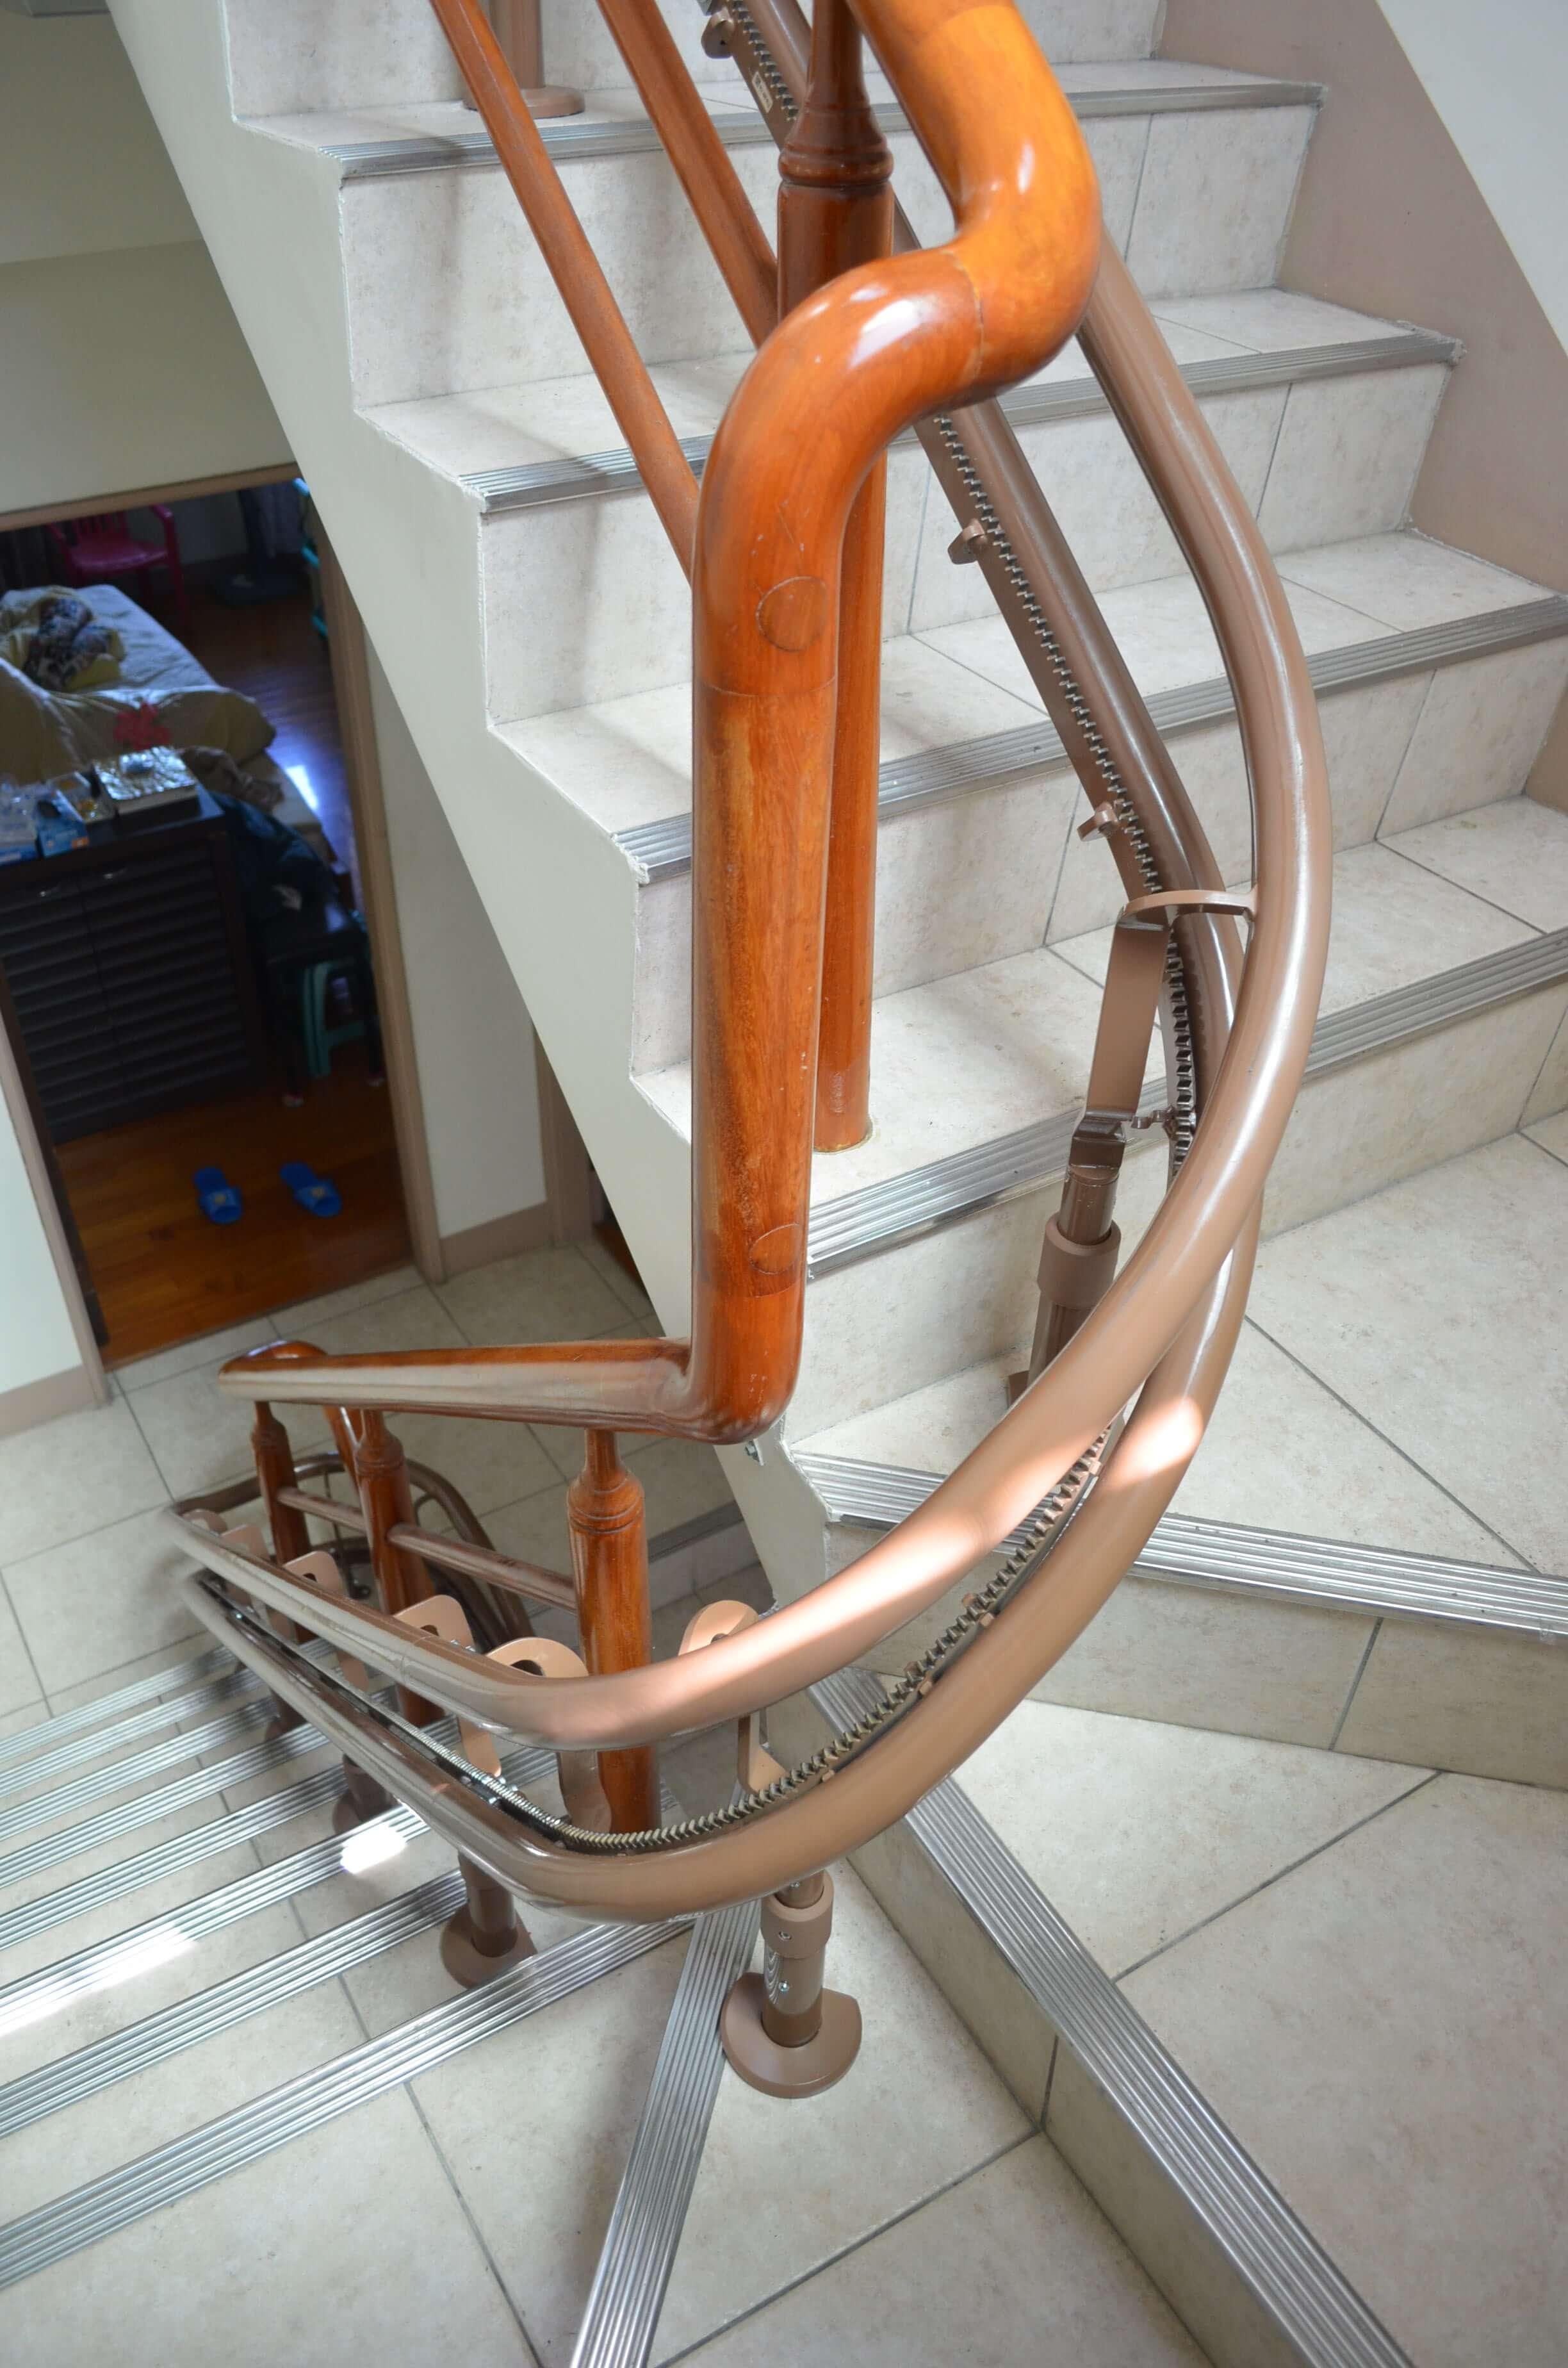 高雄鼓巖教會樓梯升降椅安裝